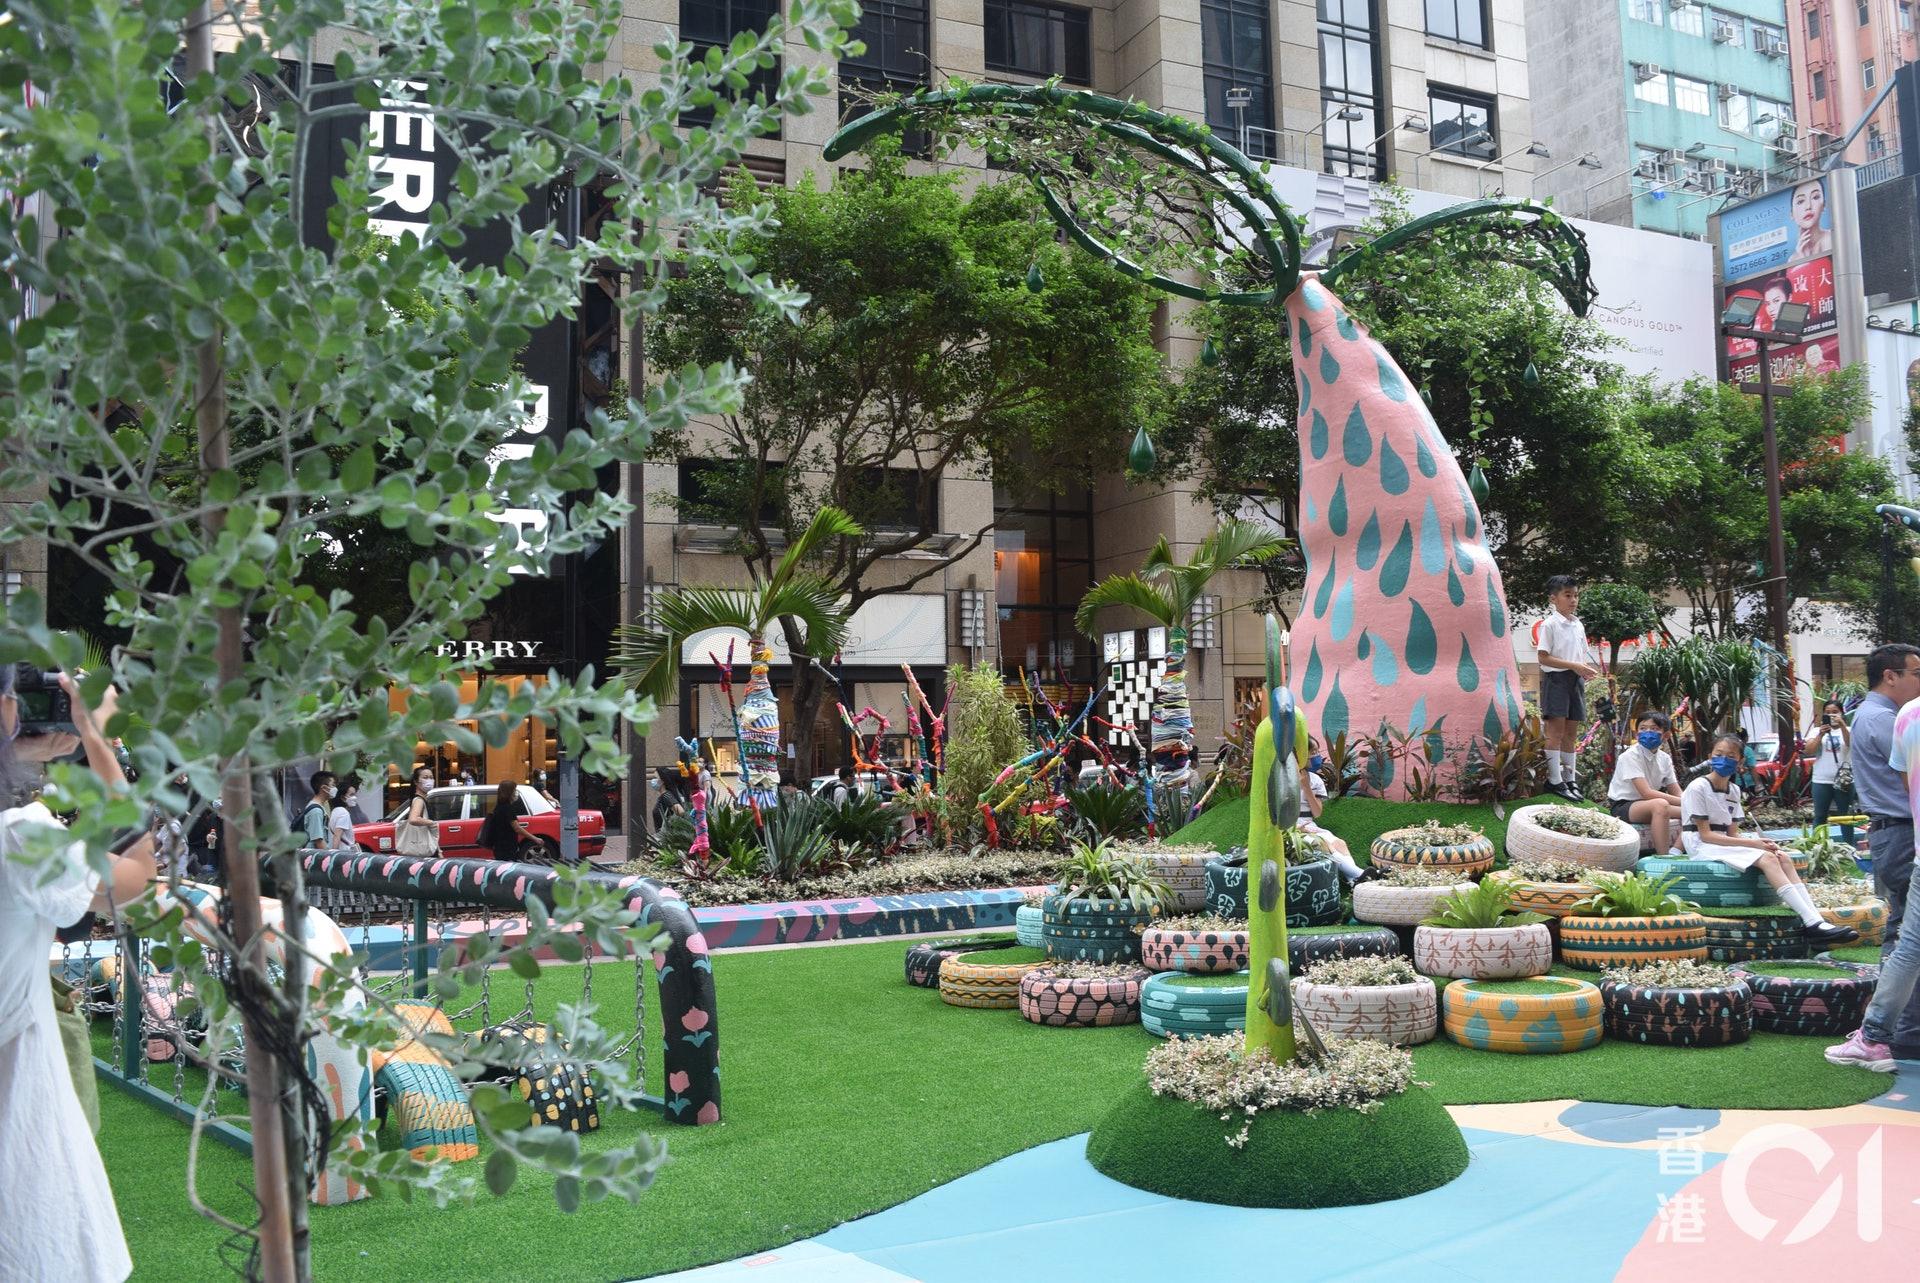 時代廣場與植物花園莆町Botanic Union邀請了德萃小學部和幼兒園部合作,以環保物料打造一個大型戶外植物遊樂園《It's Play Time!》。